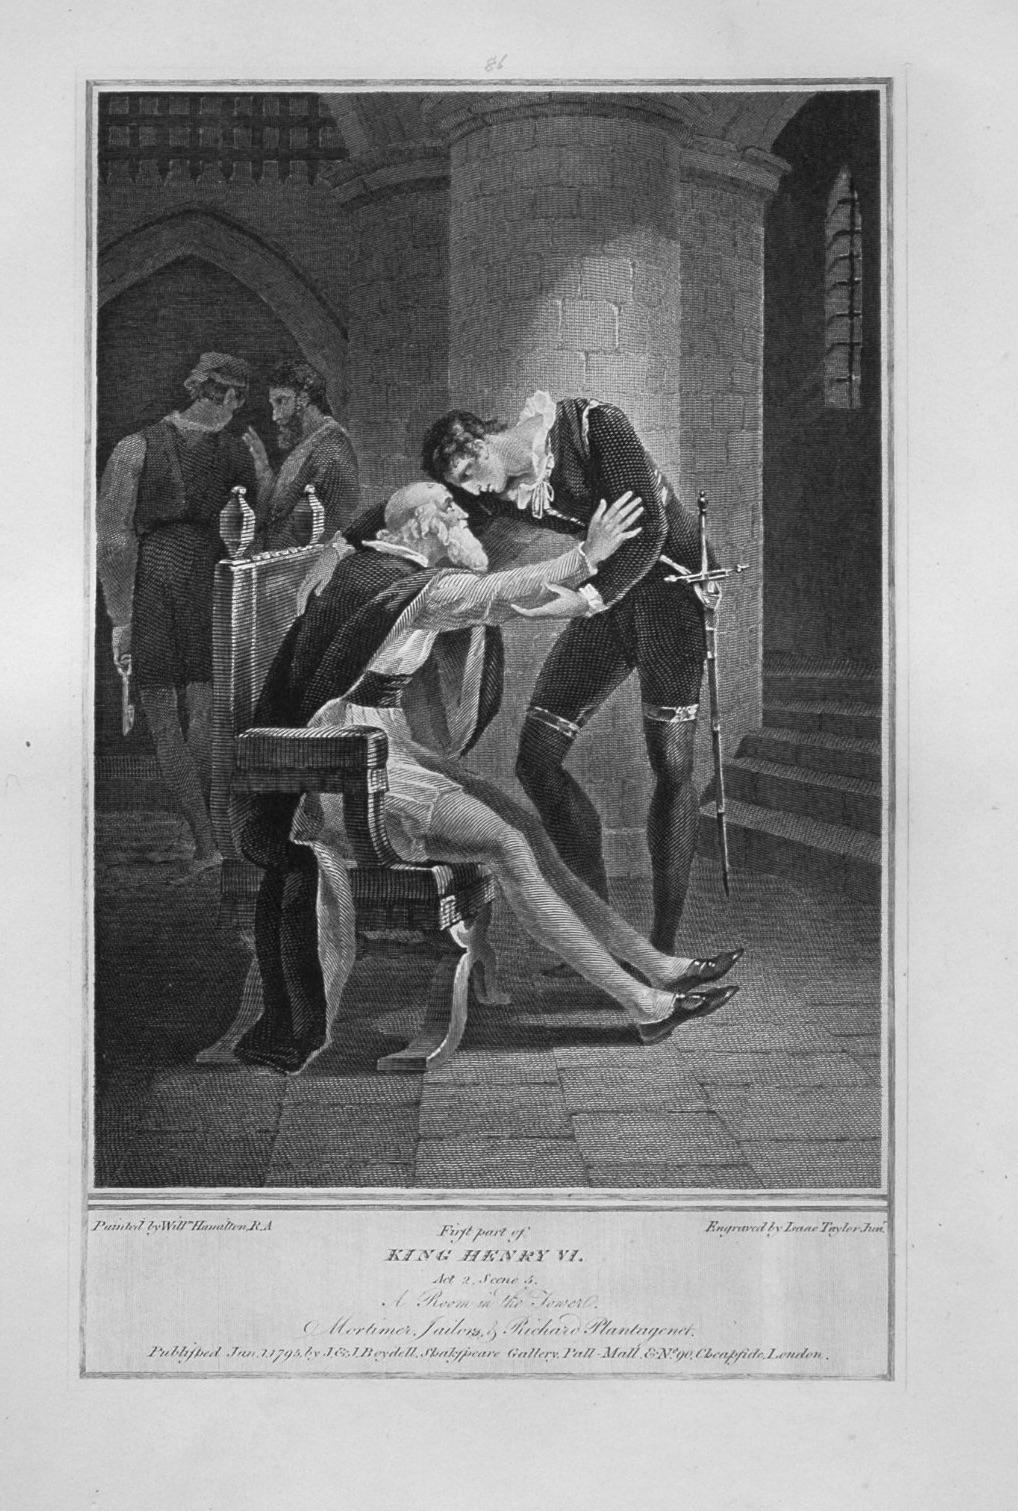 King Henry VI. Act 2. Scene 5.